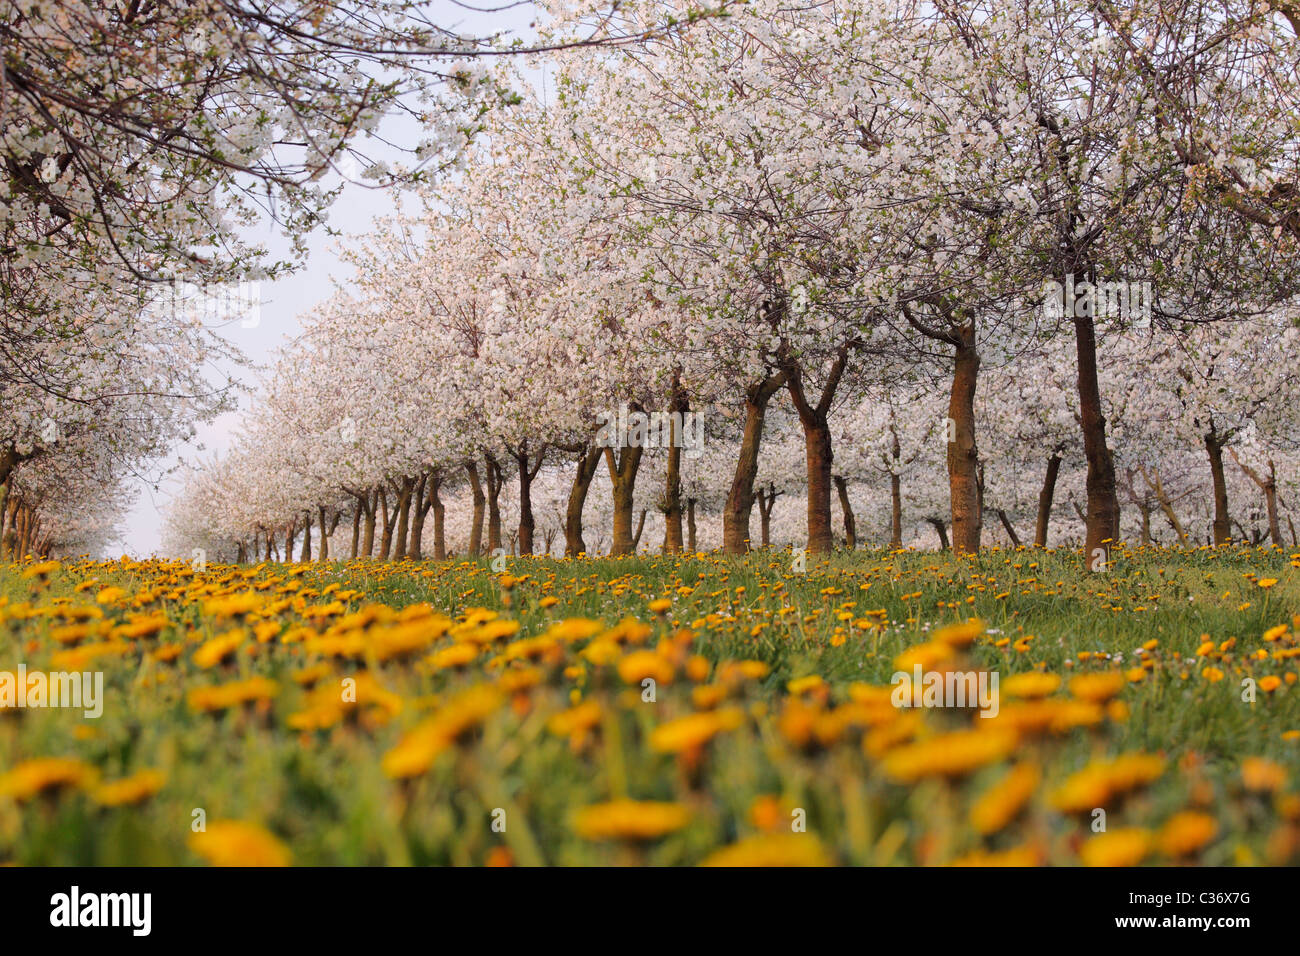 Fiore di ciliegio e tarassaco in una piantagione in primavera Immagini Stock